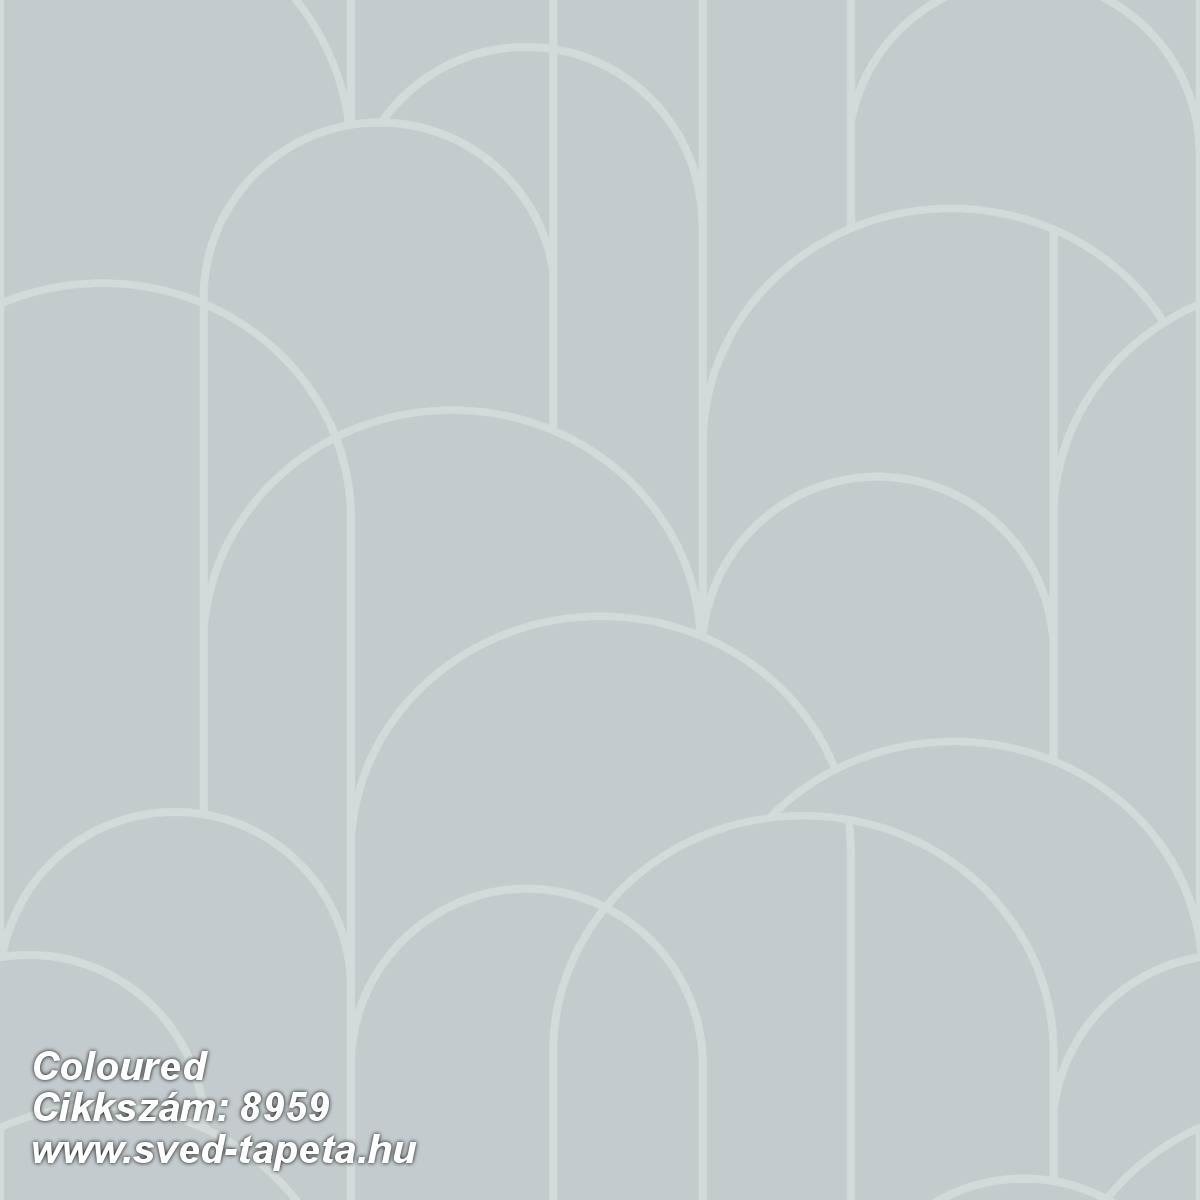 Coloured 8959 cikkszámú svéd ECOgyártmányú designtapéta